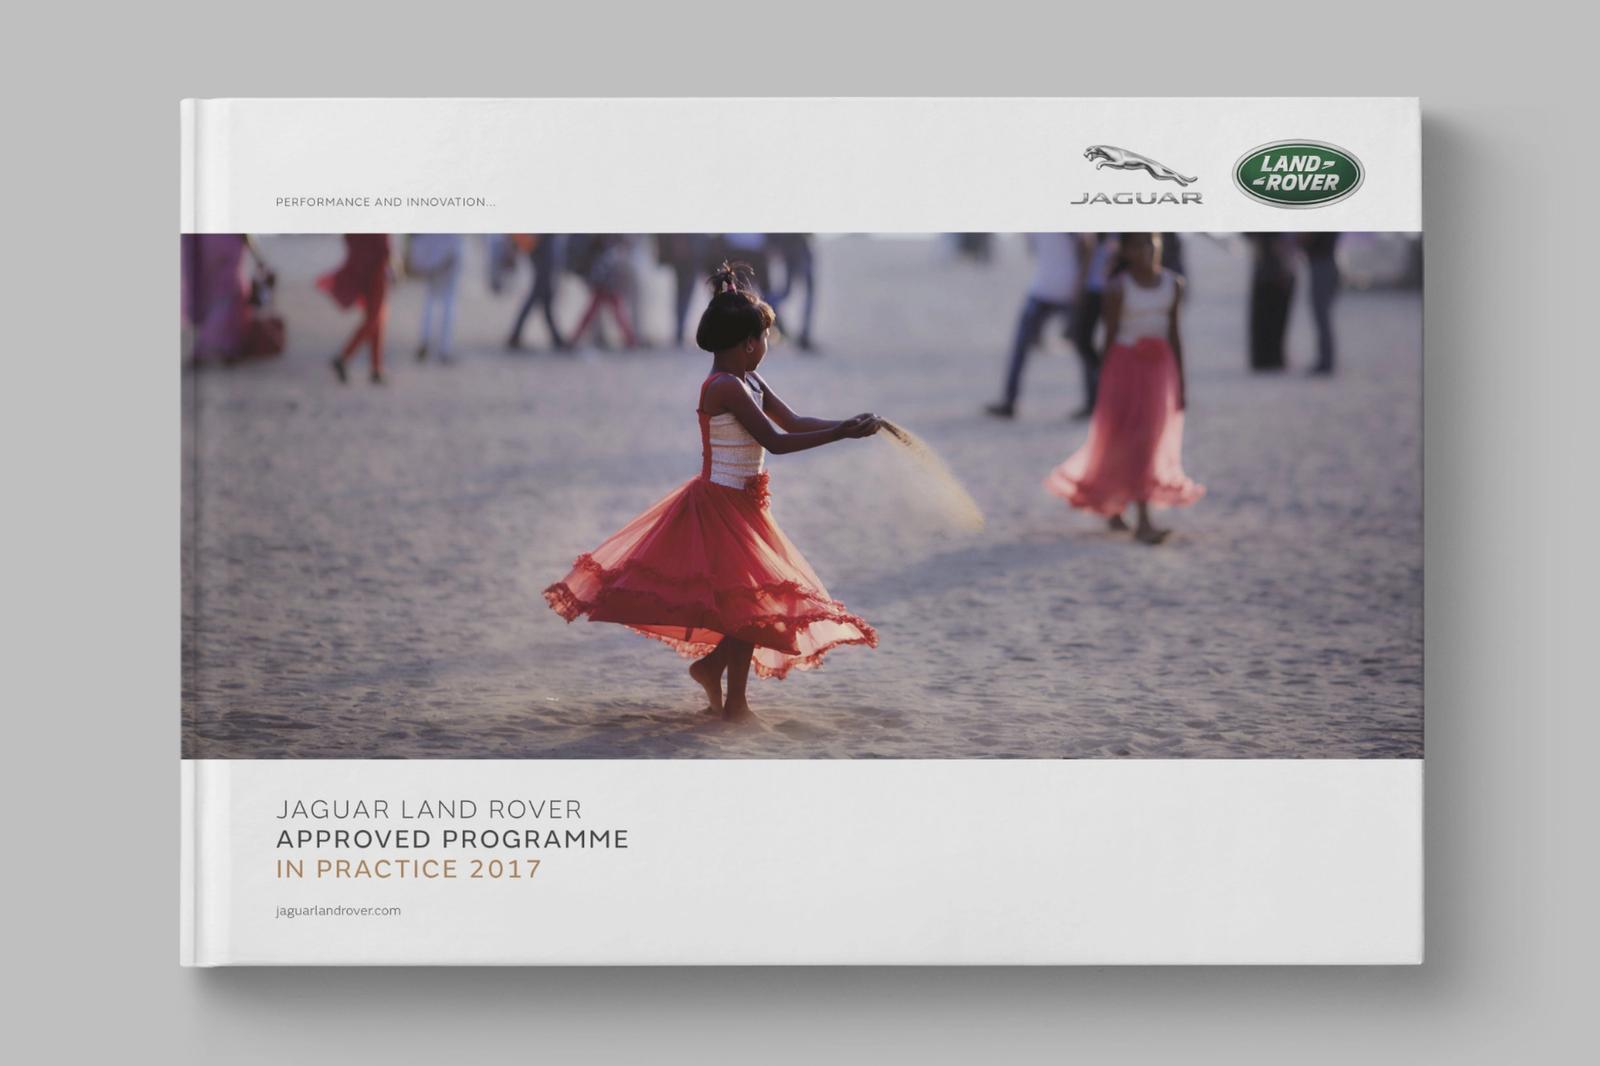 Jaguar Landrover cover